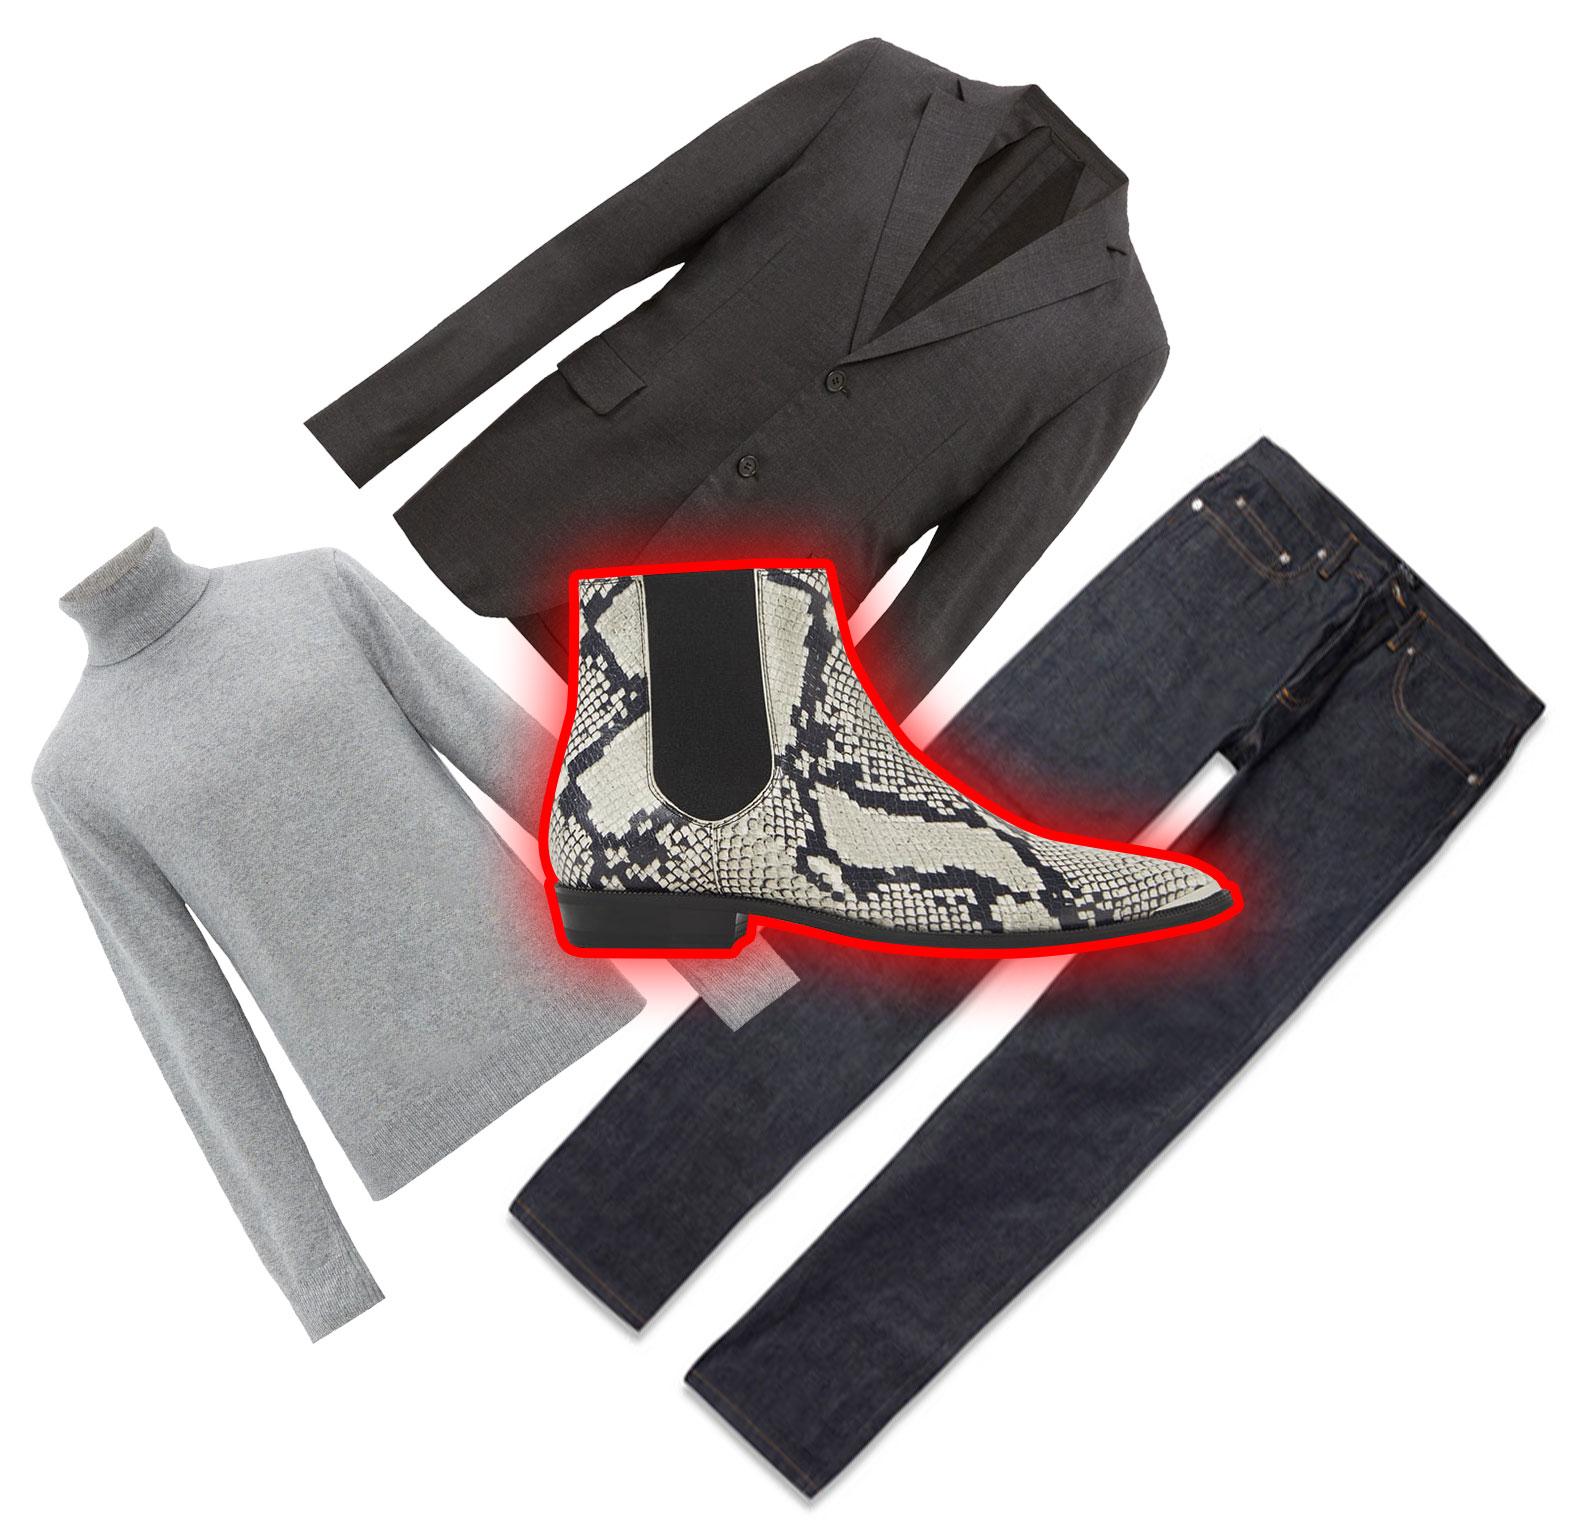 Блейзер Acne Studios, €530; водолазка Joseph, €255; джинсы A.P.C., £144; обувь Zara, 8999 рублей